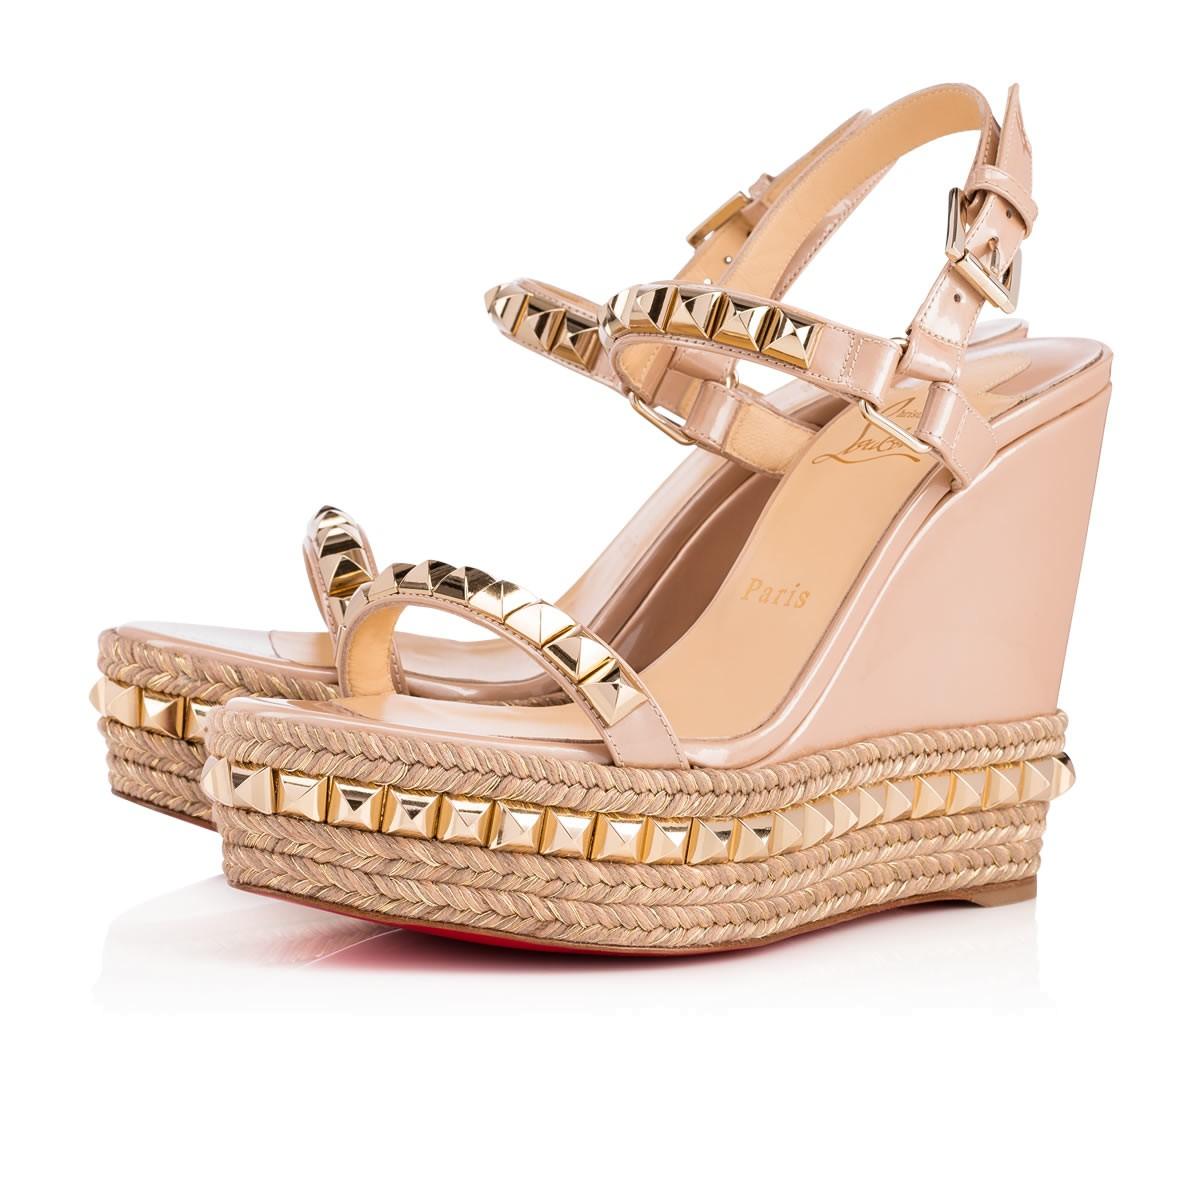 4923270f336 CATACLOU 120 NUDE/LIGHT GOLD Patent - Women Shoes - Christian Louboutin